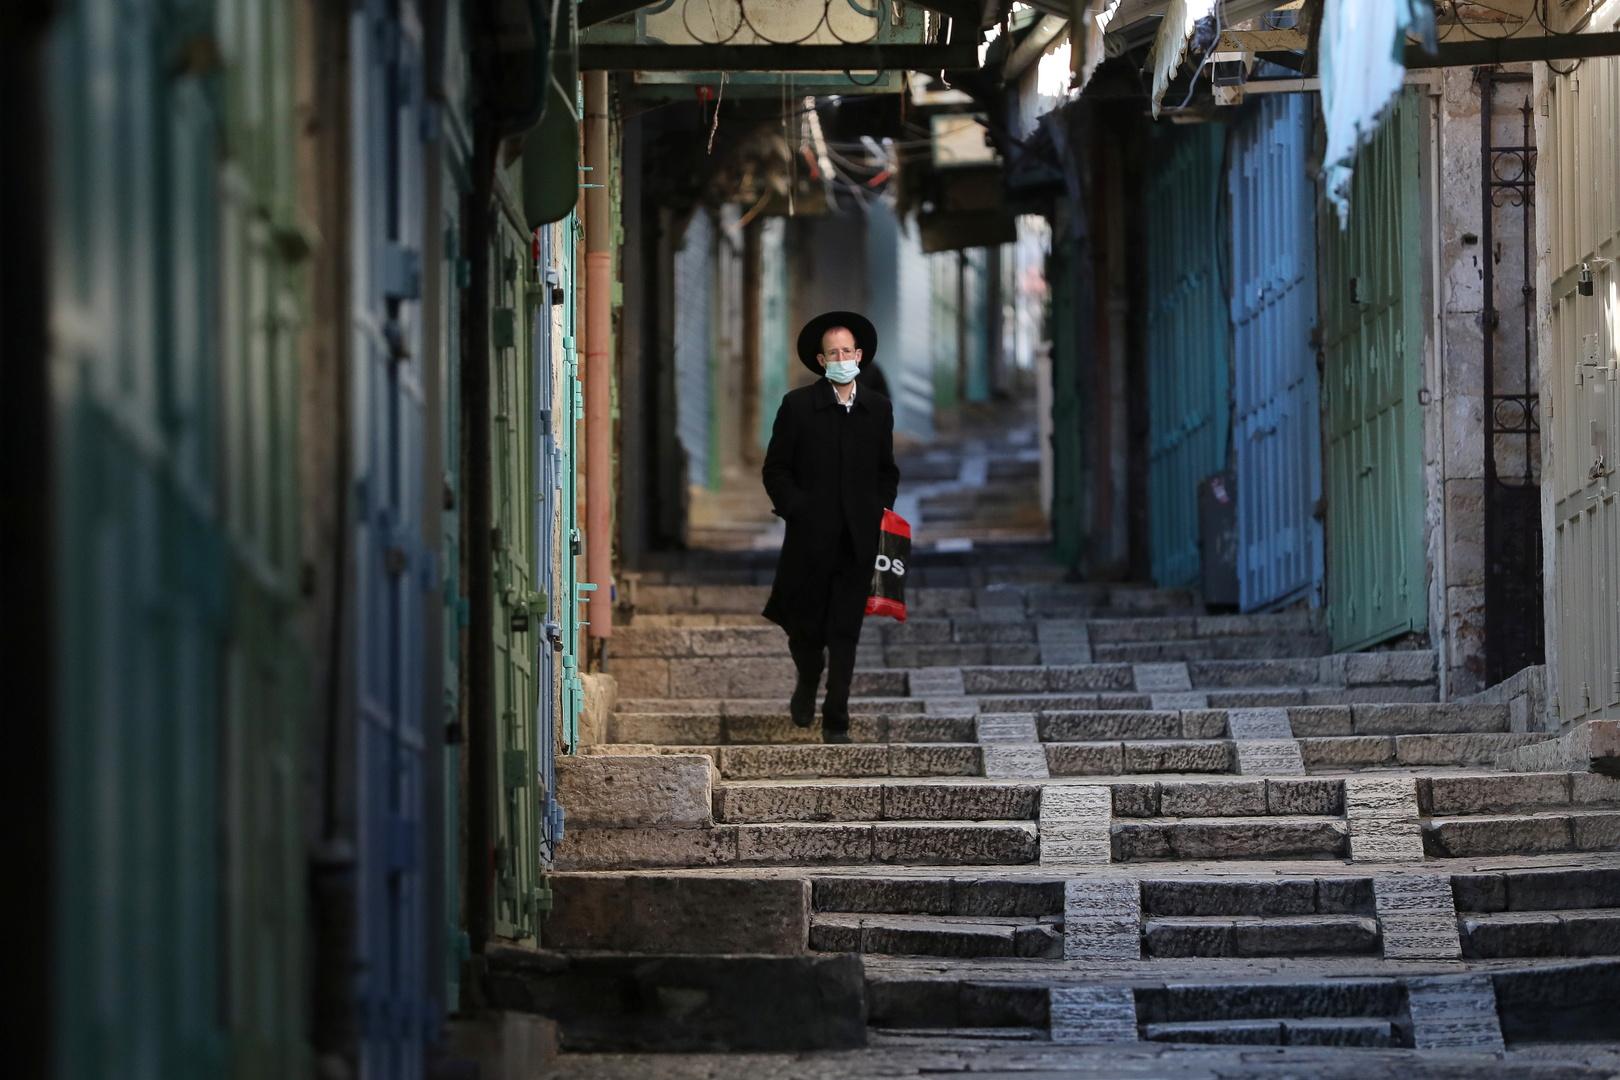 الكنيست يعلن إصابة نائب إسرائيلي بكورونا بعد 10 أيام من تلقيه الجرعة الأولى من لقاح